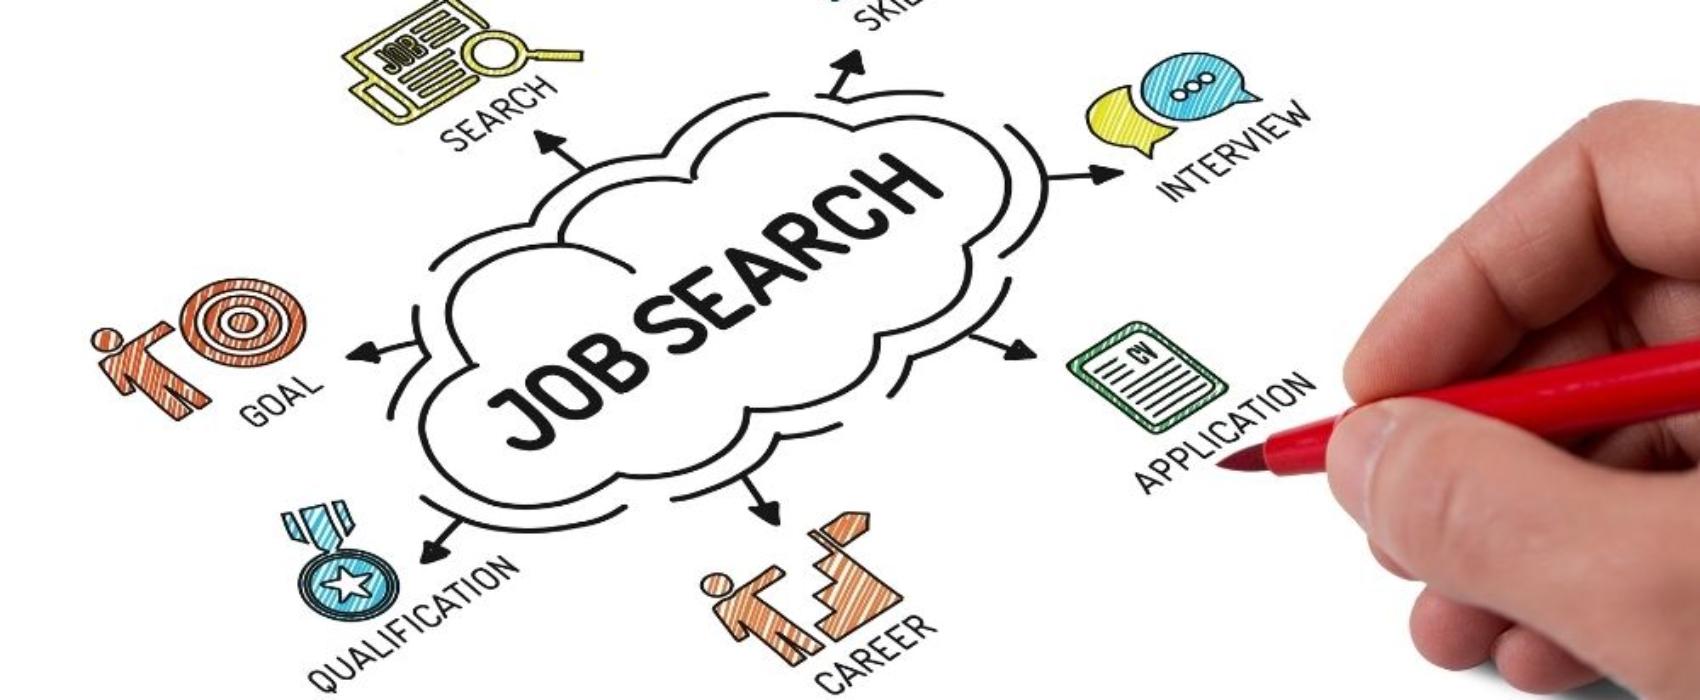 Gdzie szukać wymarzonej pracy?